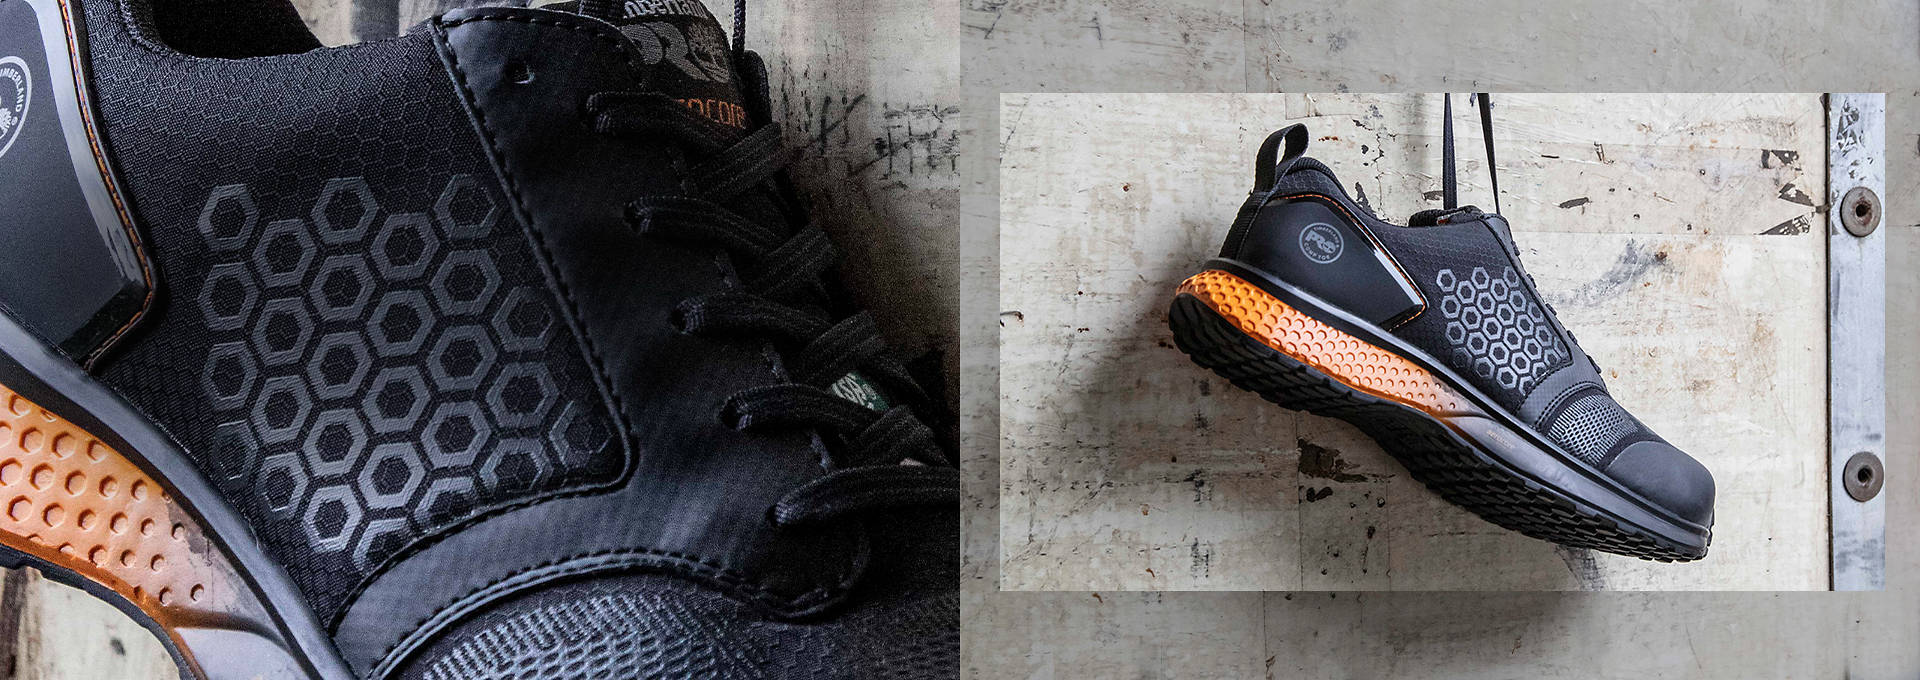 Deux chaussures de travail noires avec éléments hexagonaux